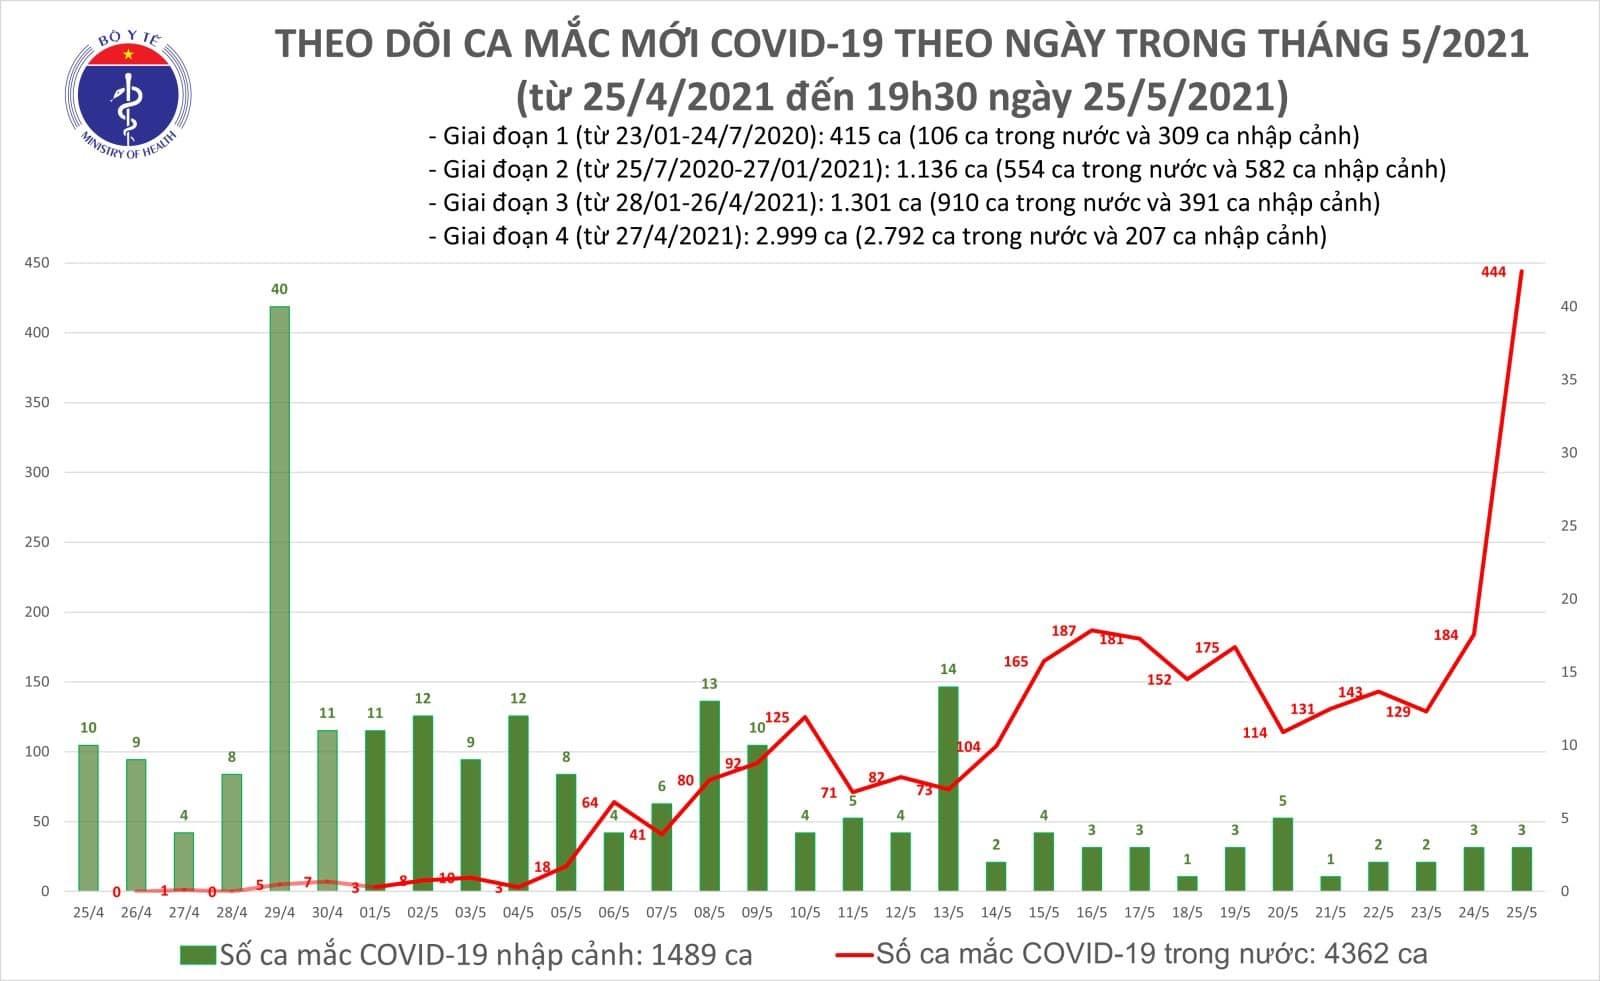 Ngày 25/5, Việt Nam có số ca Covid-19 kỷ lục: 444 ca trong nước